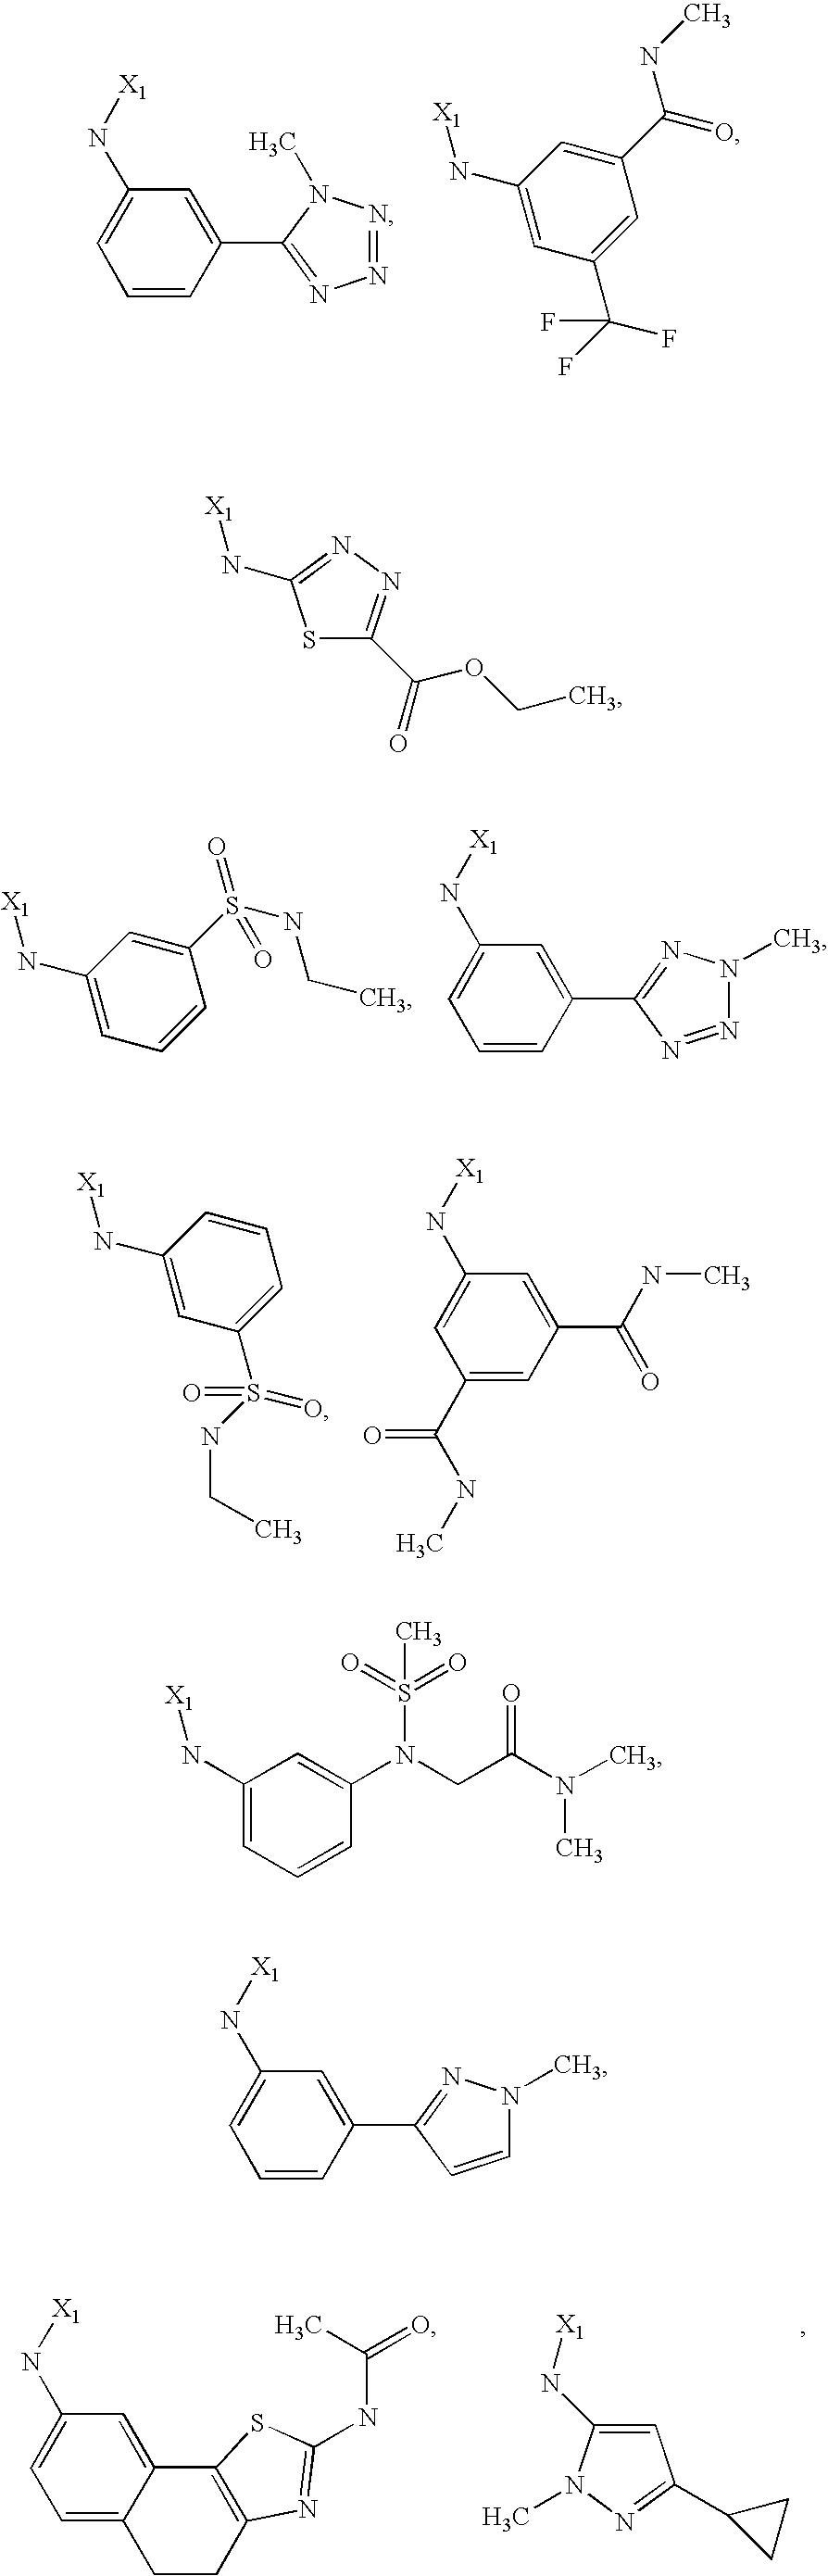 Figure US20100261687A1-20101014-C00004